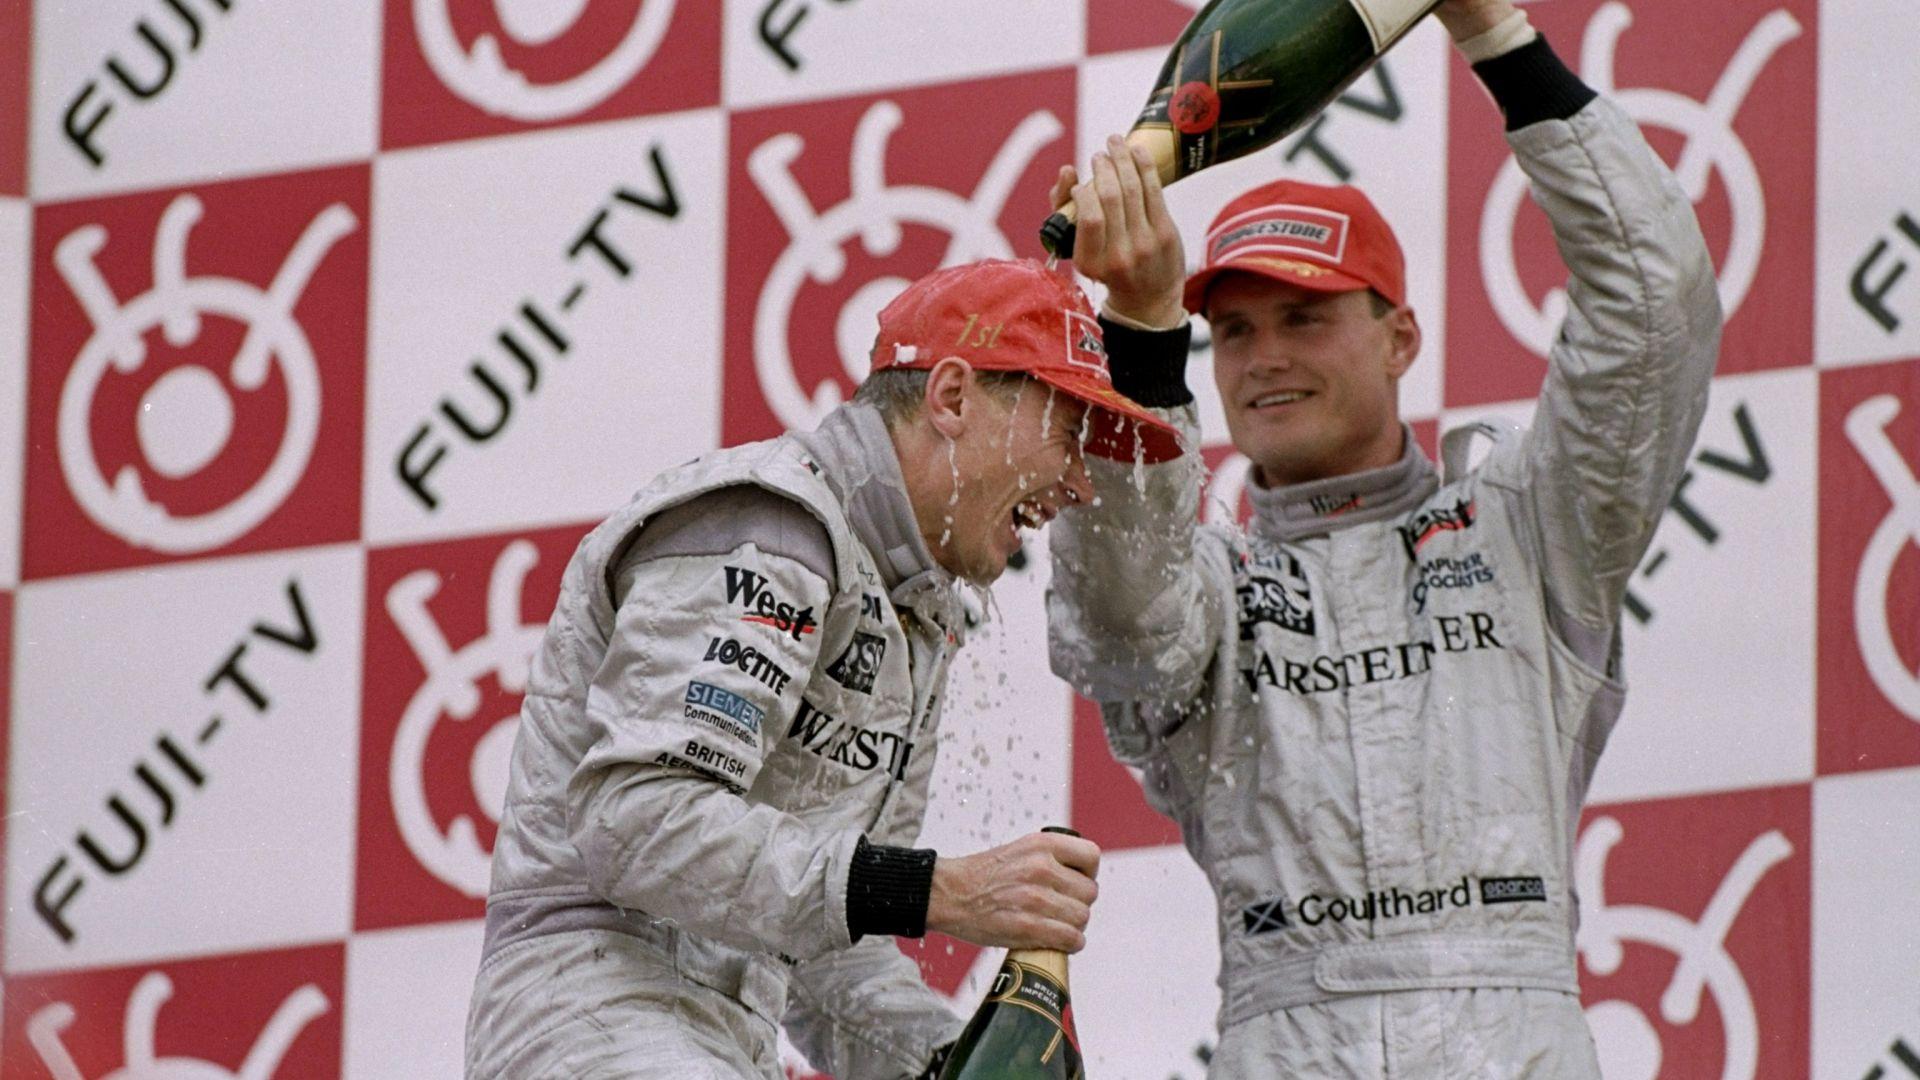 Първата победа на Хакинен във Ф1 била подарък от Култард